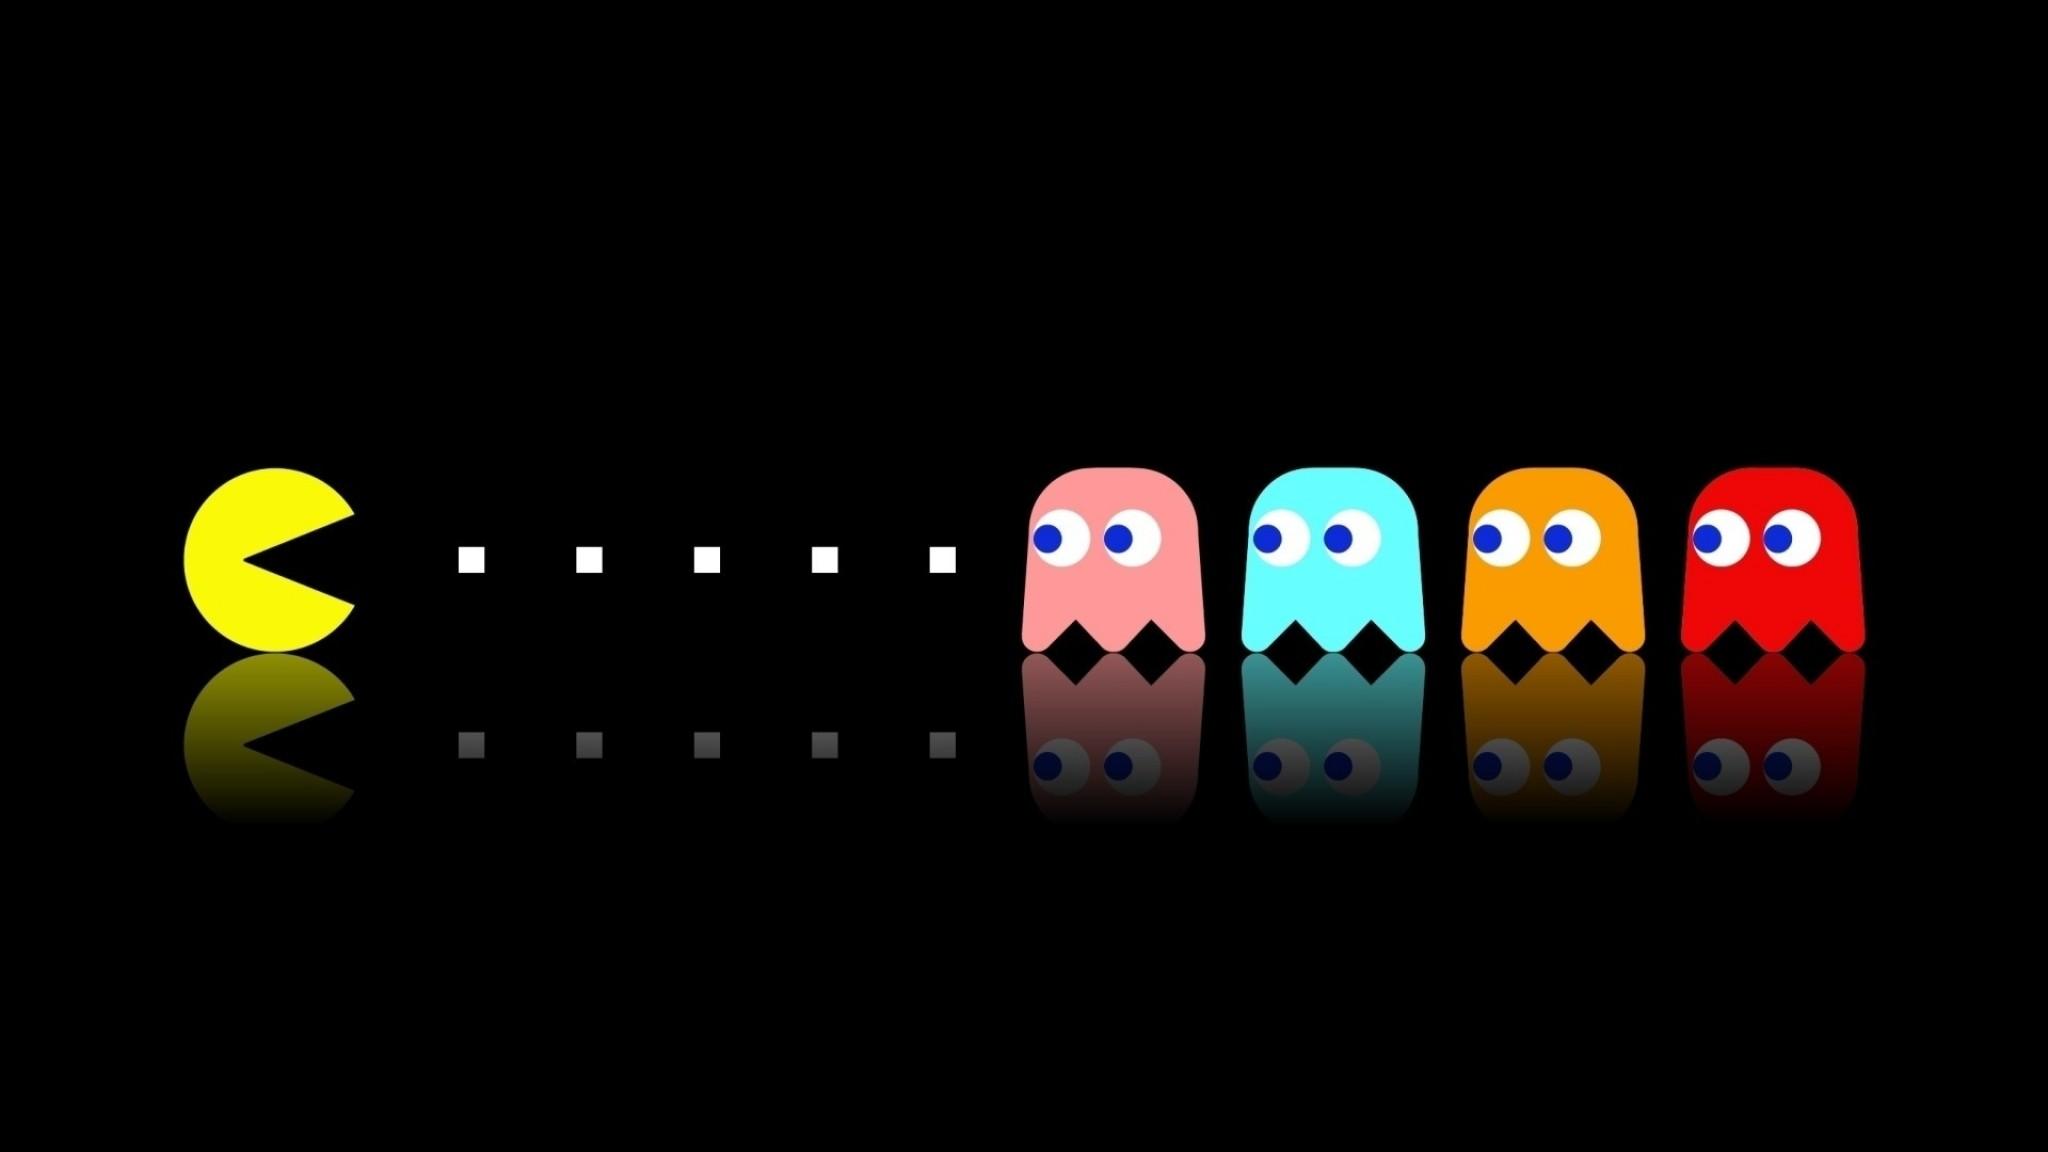 2048x1152 Pixels Gaming Wallpaper 2048x1152